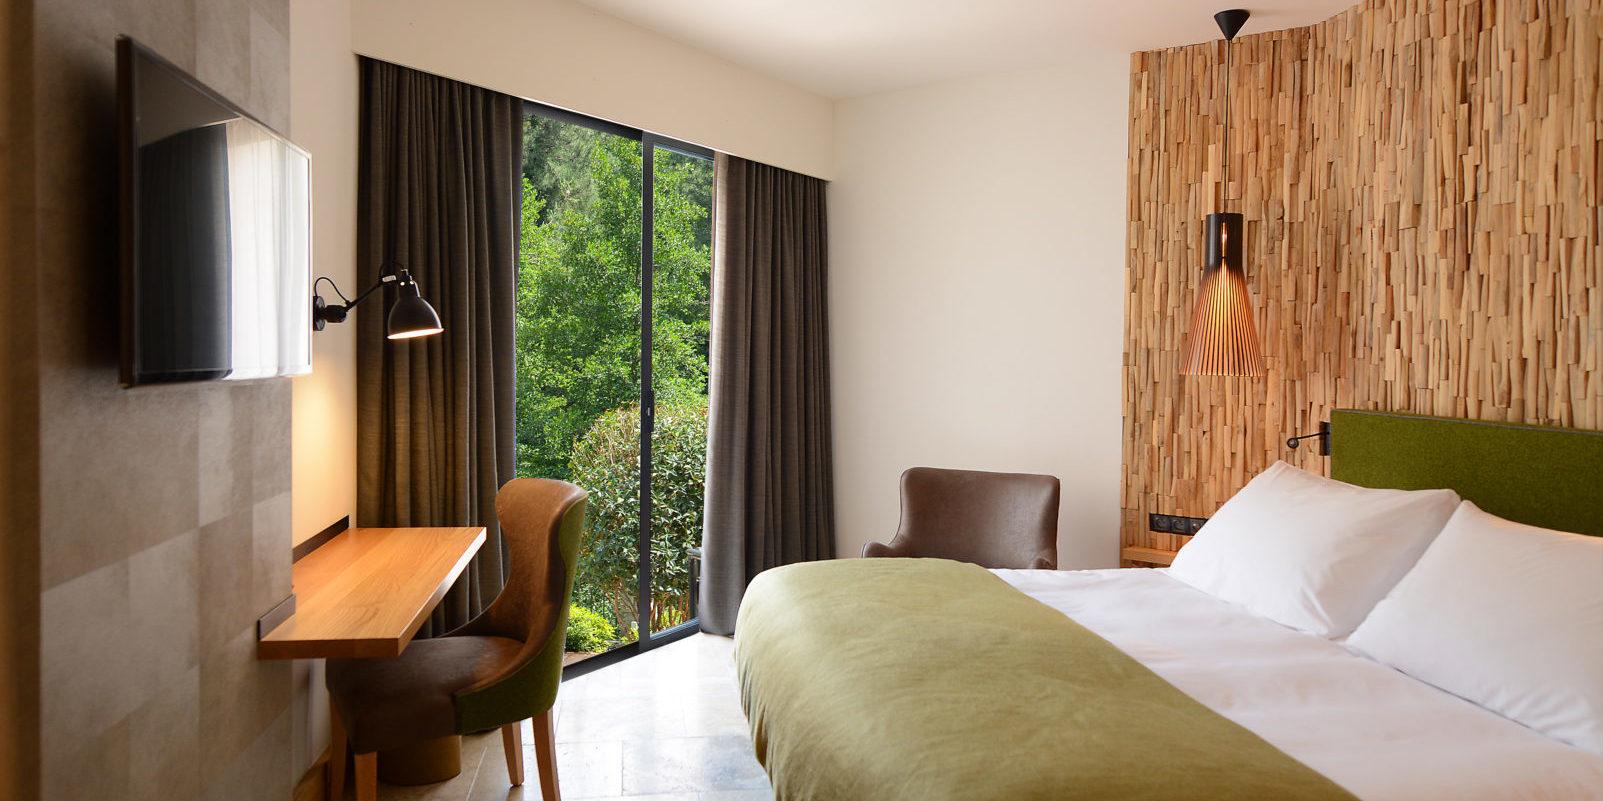 Hotel Dominique Colonna Corte Restonica binnenland Corsica Frankrijk tweepersoonskamer tuinzijde